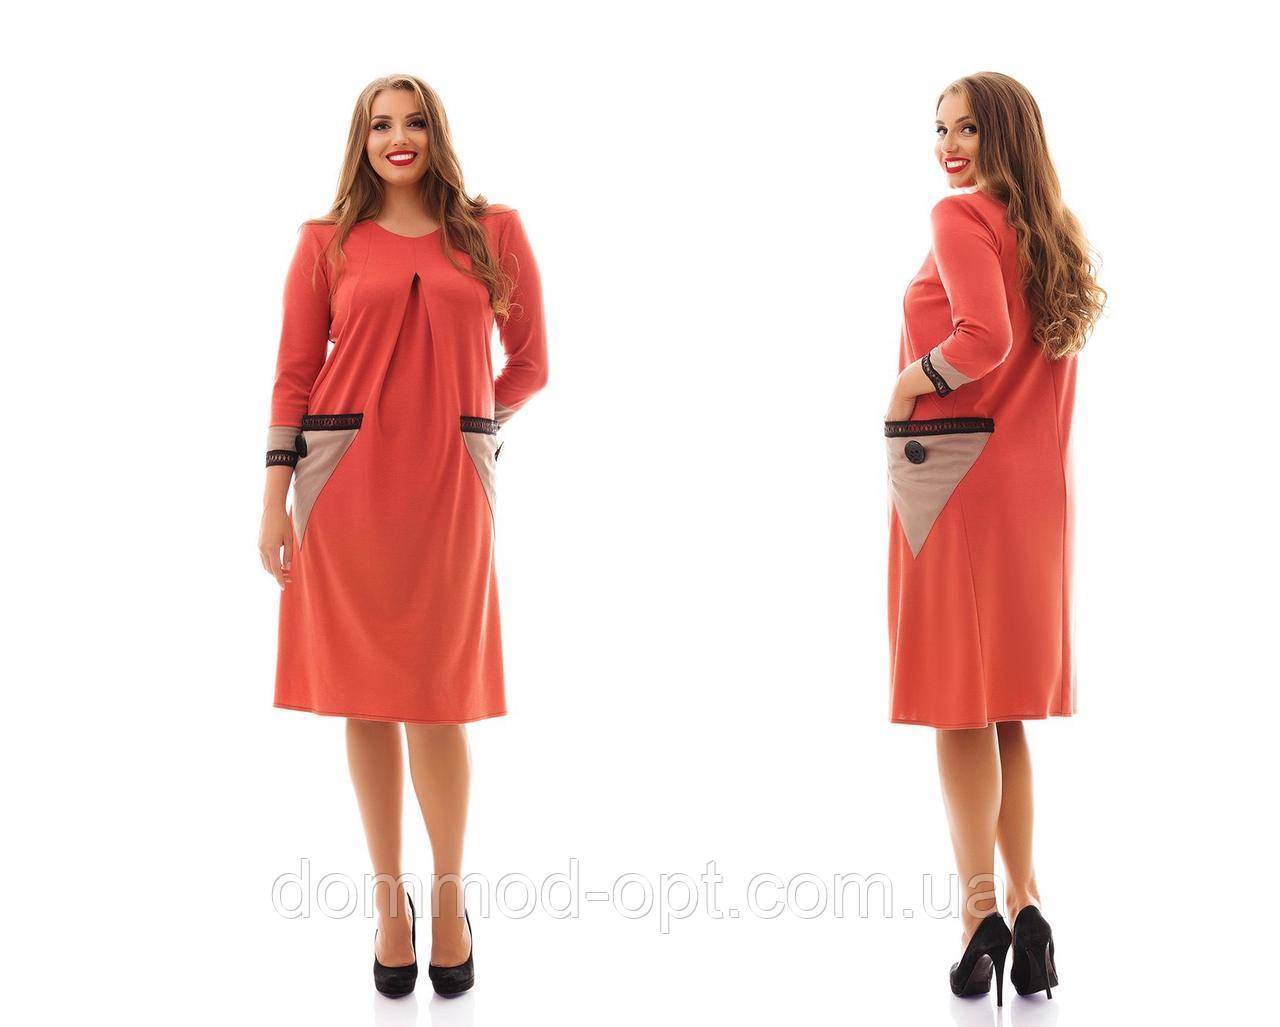 Женское стильное платье MIDI больших размеров с треугольными карманами №969 (р. 48-62)